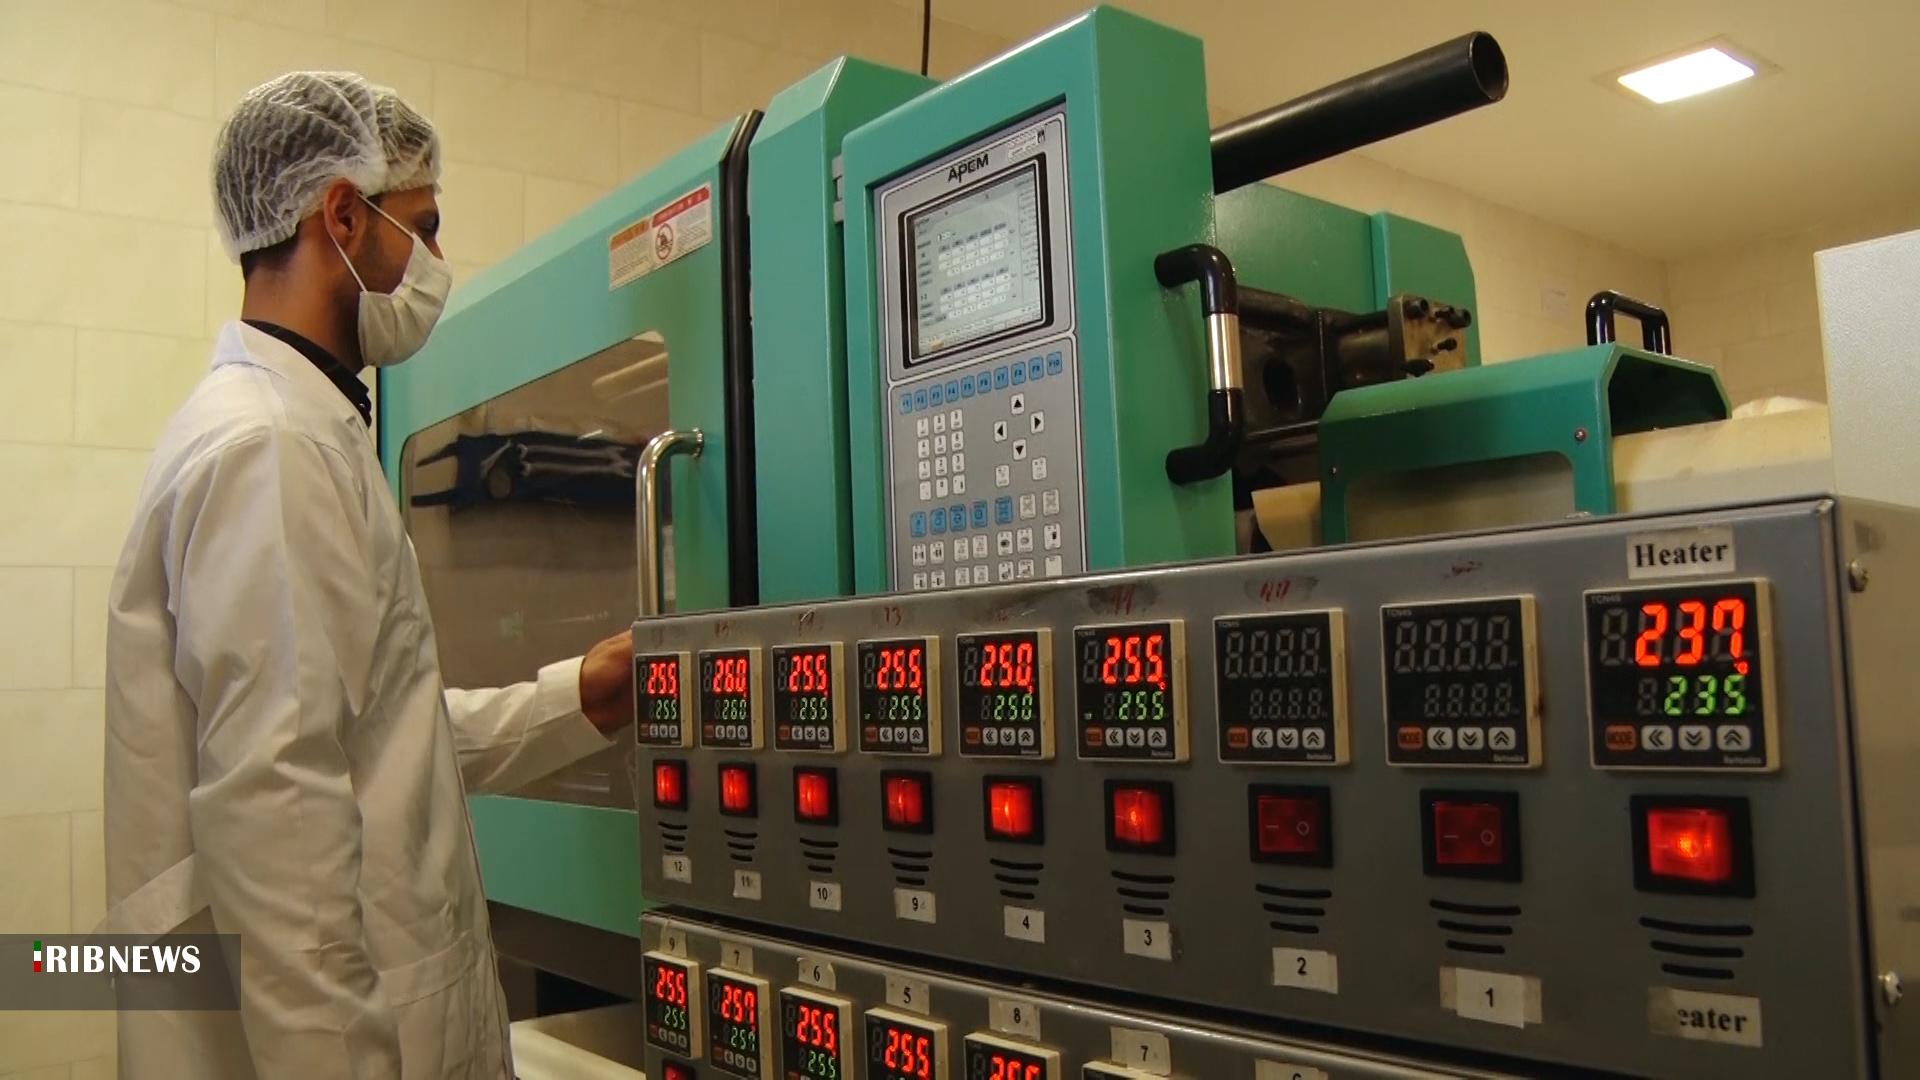 تولید لوله های آزمایش کرونا در نجف آباد با سرمایه گذاری ۳۰ میلیاردی+فیلم و تصاویر تولید لوله های آزمایش کرونا در نجف آباد با سرمایه گذاری ۳۰ میلیاردی تولید لوله های آزمایش کرونا در نجف آباد با سرمایه گذاری ۳۰ میلیاردی+فیلم و تصاویر 5279243 263